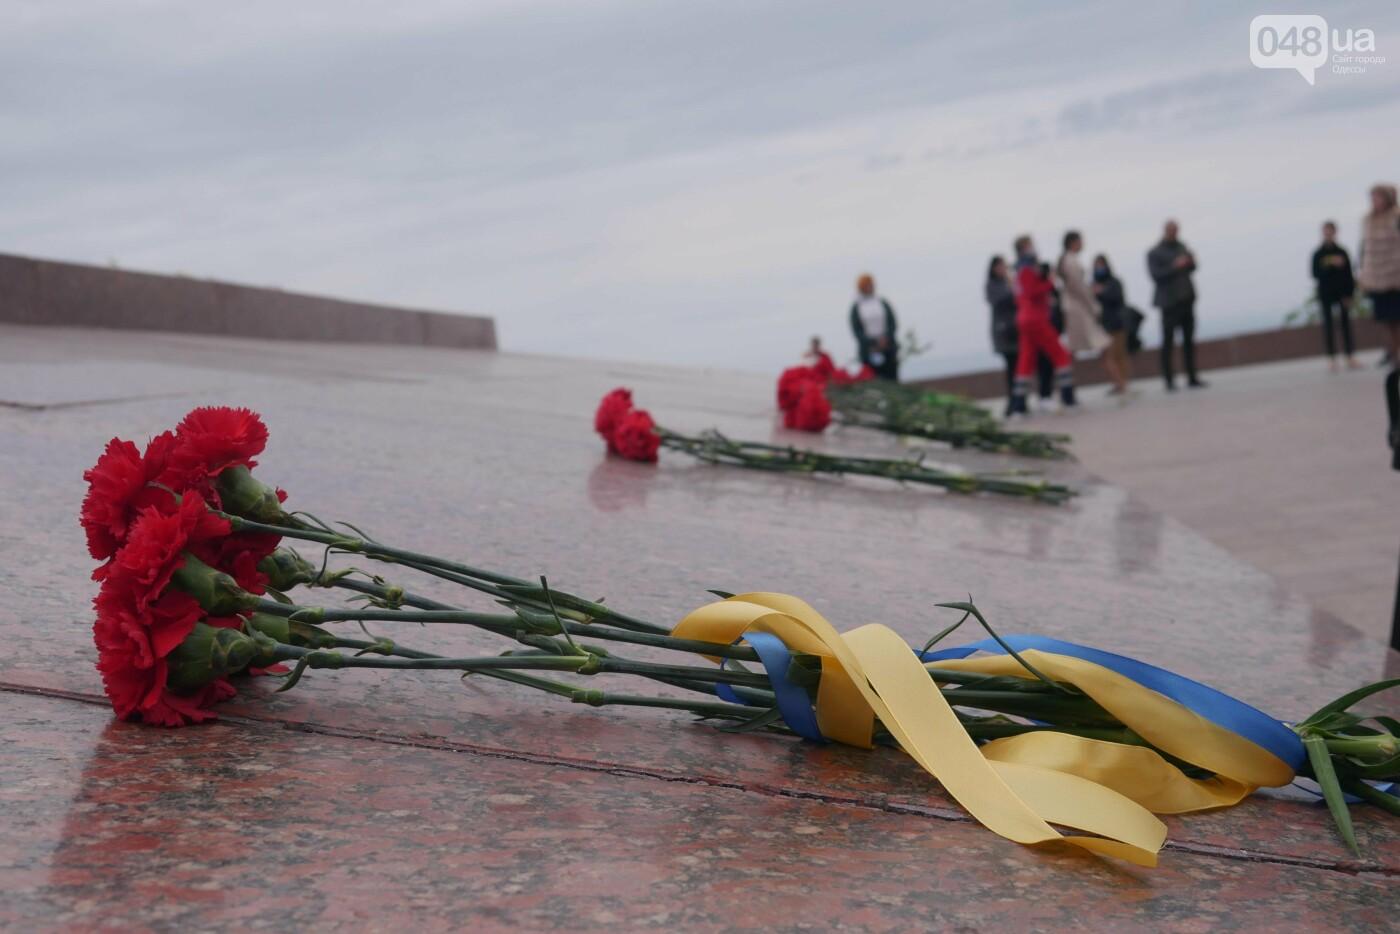 Бантики, гвоздики и маски: как школьники Одессы маршировали ко Дню Победы, - ФОТОРЕПОРТАЖ, фото-25